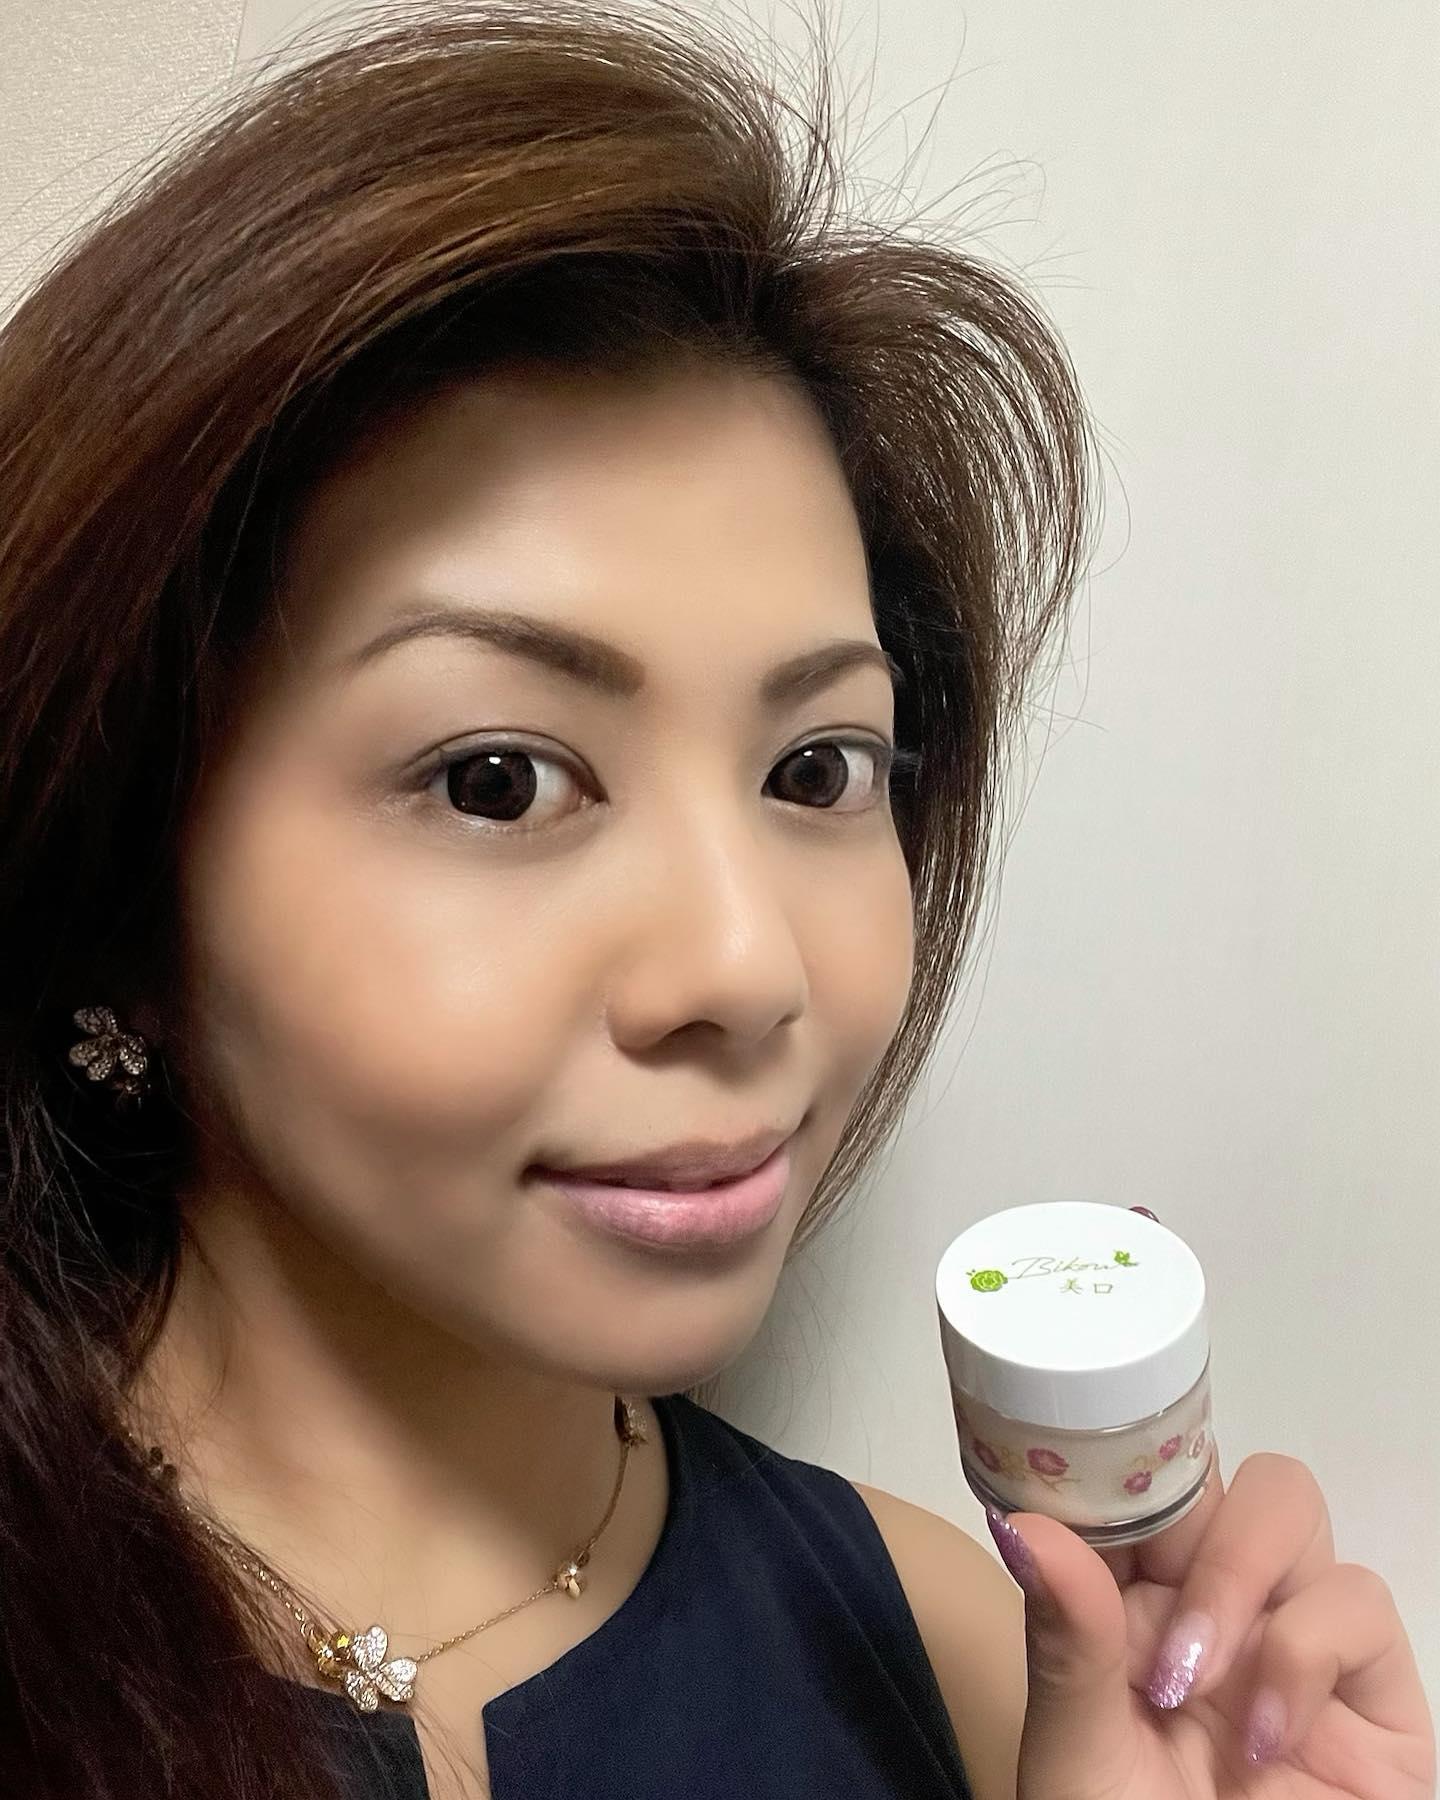 口コミ投稿:口元用エイジングケア美容バーム『BIKOU-美口-』を使ってみました♬年齢肌が気に…